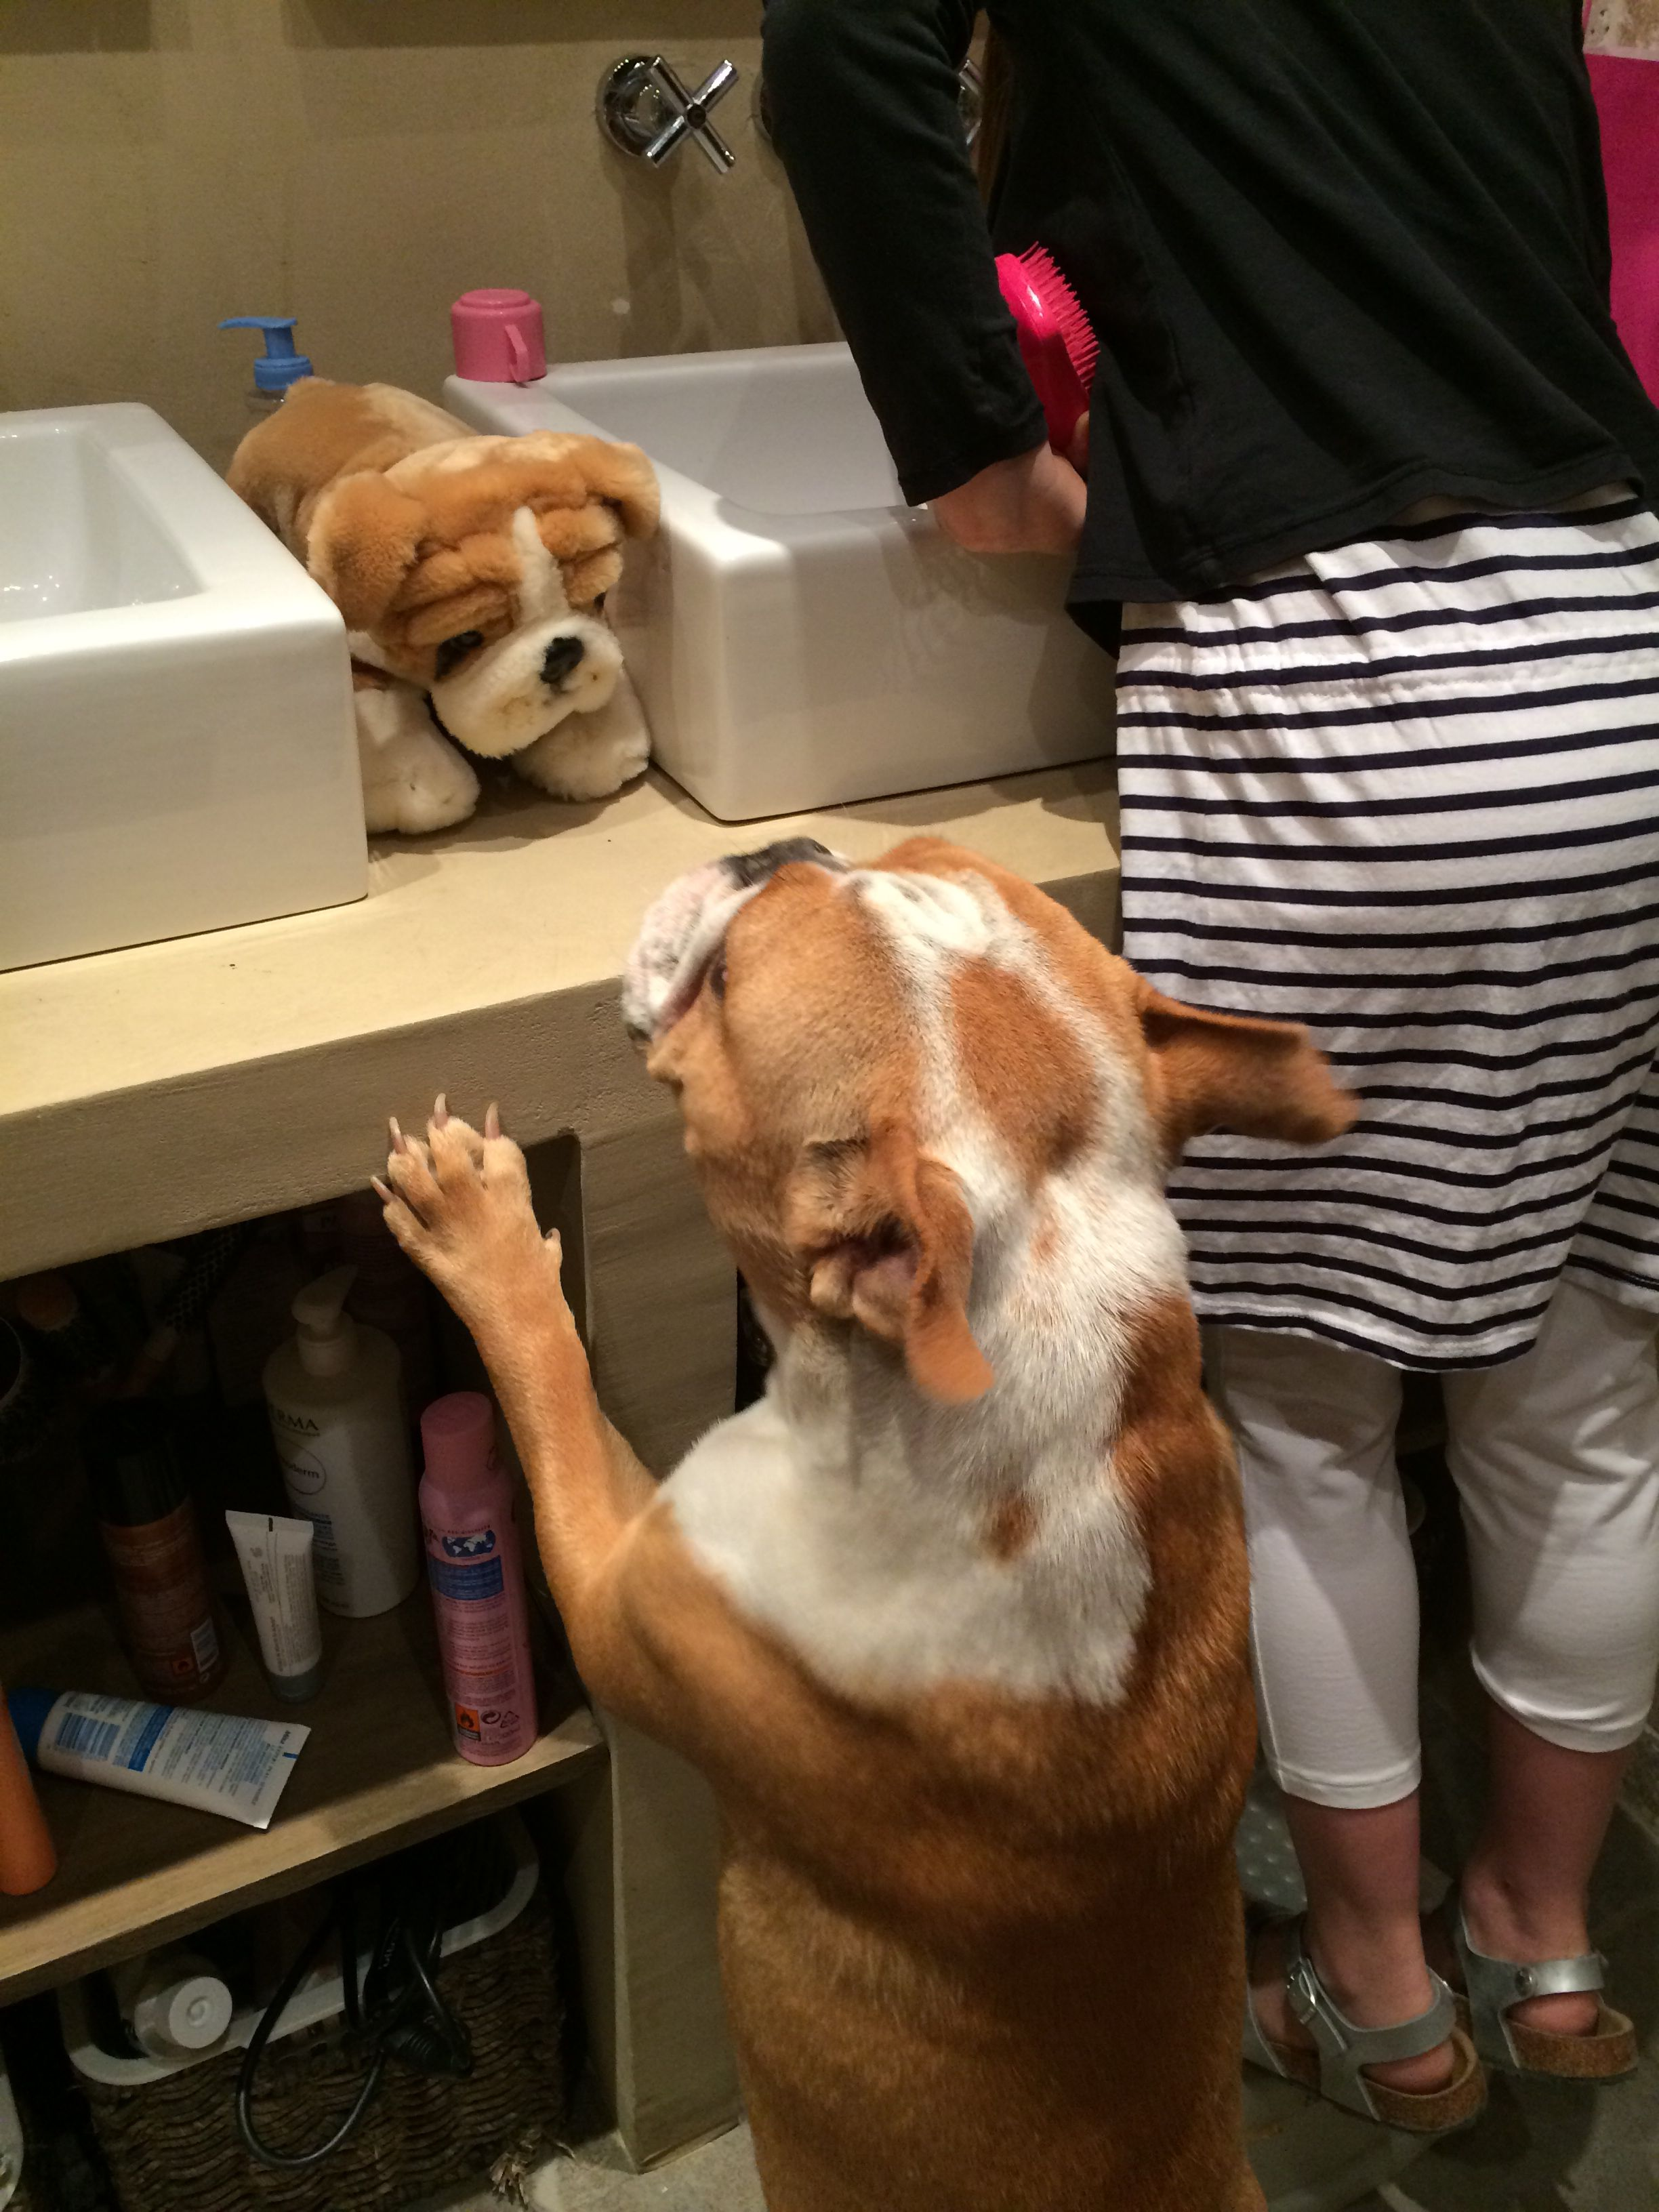 Bulldog find a bulldog